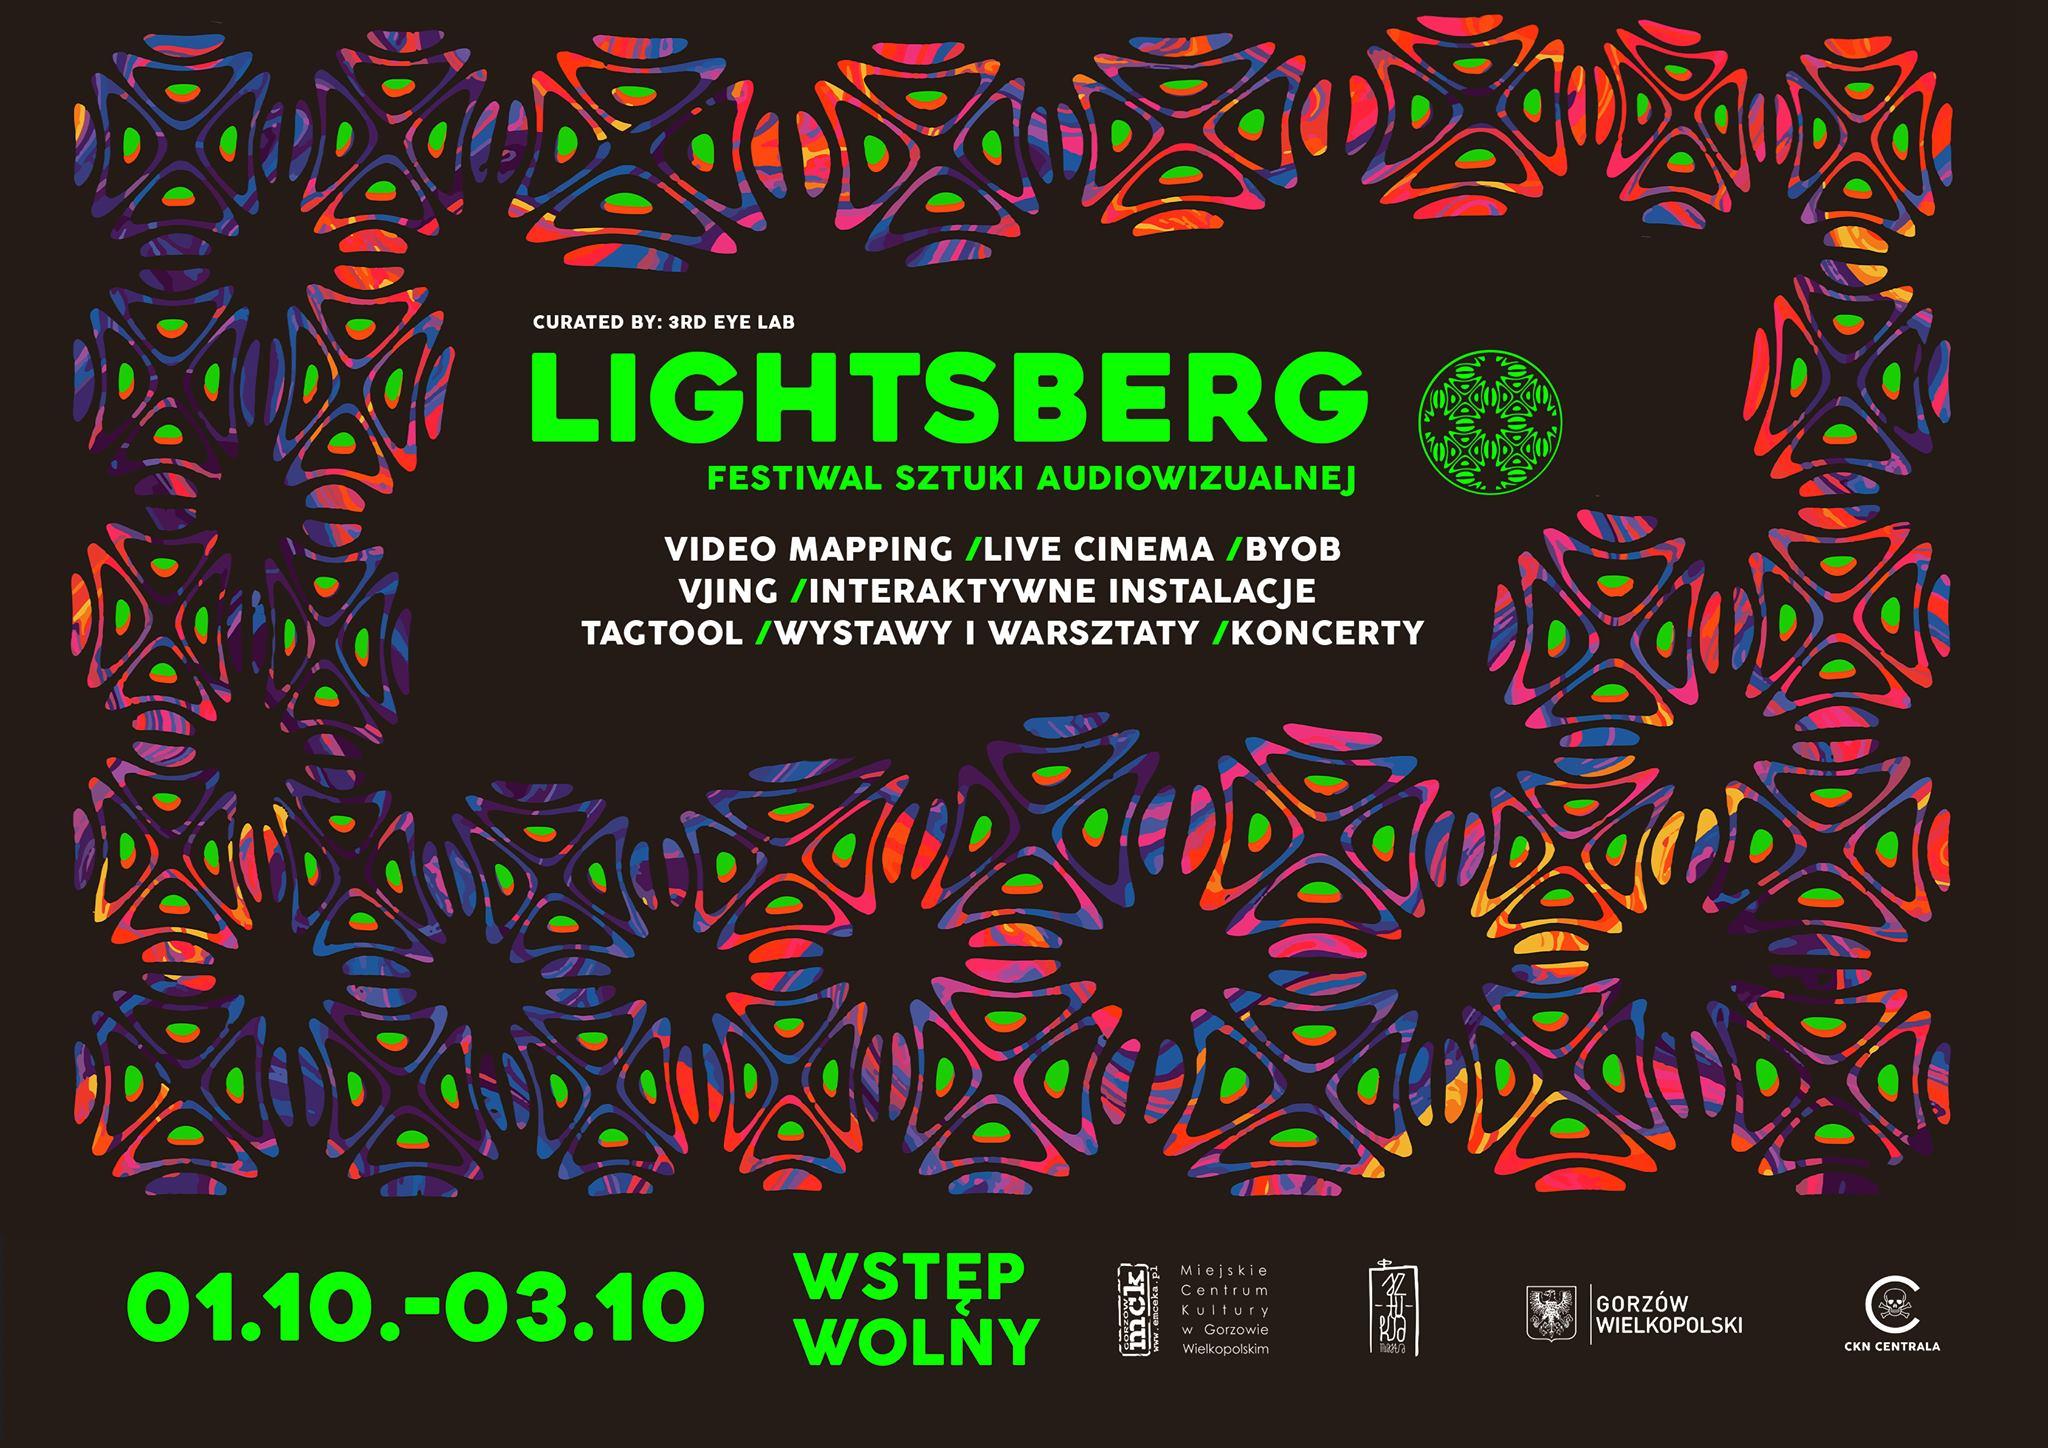 Grafika wpisu LIGHTSBERG – Festiwal Światła i Sztuki Audiowizualnej